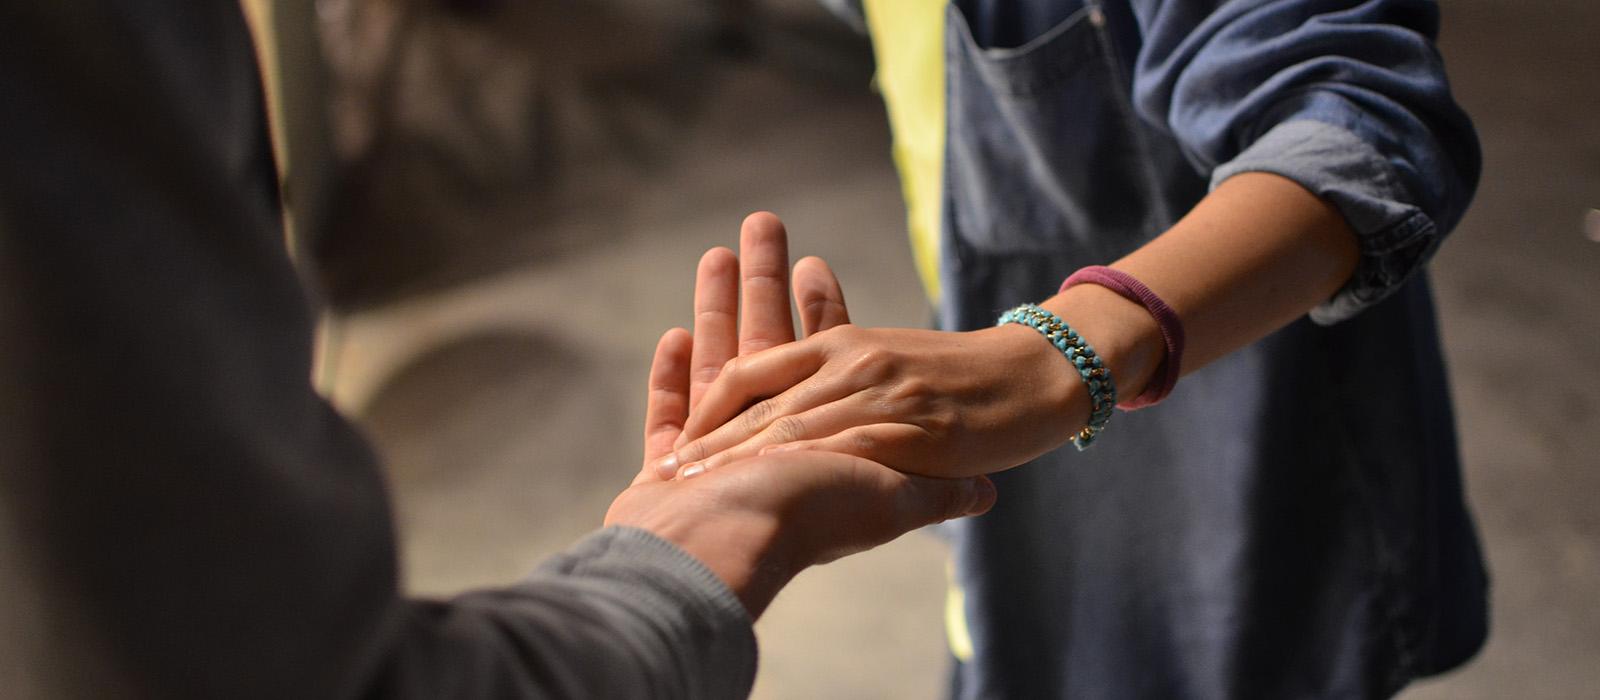 Heimstaden samarbetar med 2nd Chance Stödboende om 'träningslägenheter' för socialt utsatta grupper. Lägenheterna ska skapa trygghet och främja övergången till ett självständigt liv.